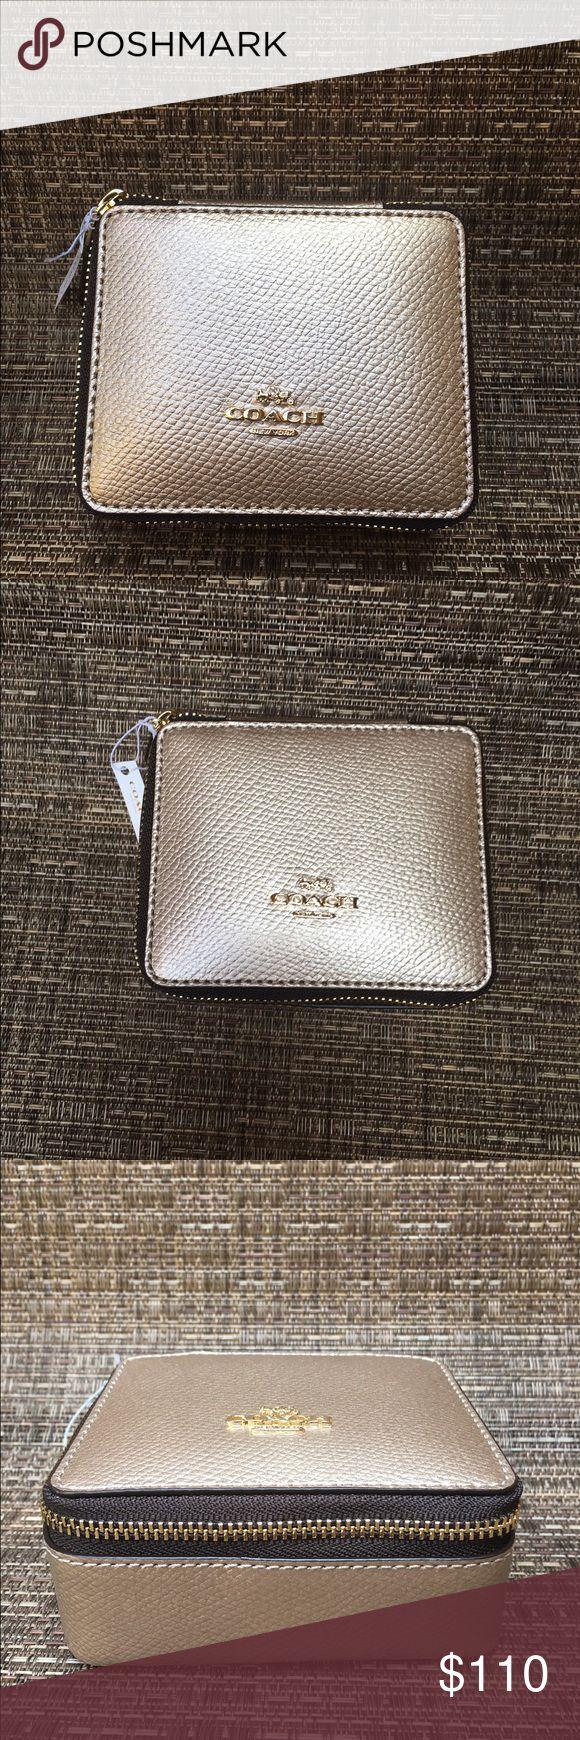 coach classic bags jewelry case coachfactory